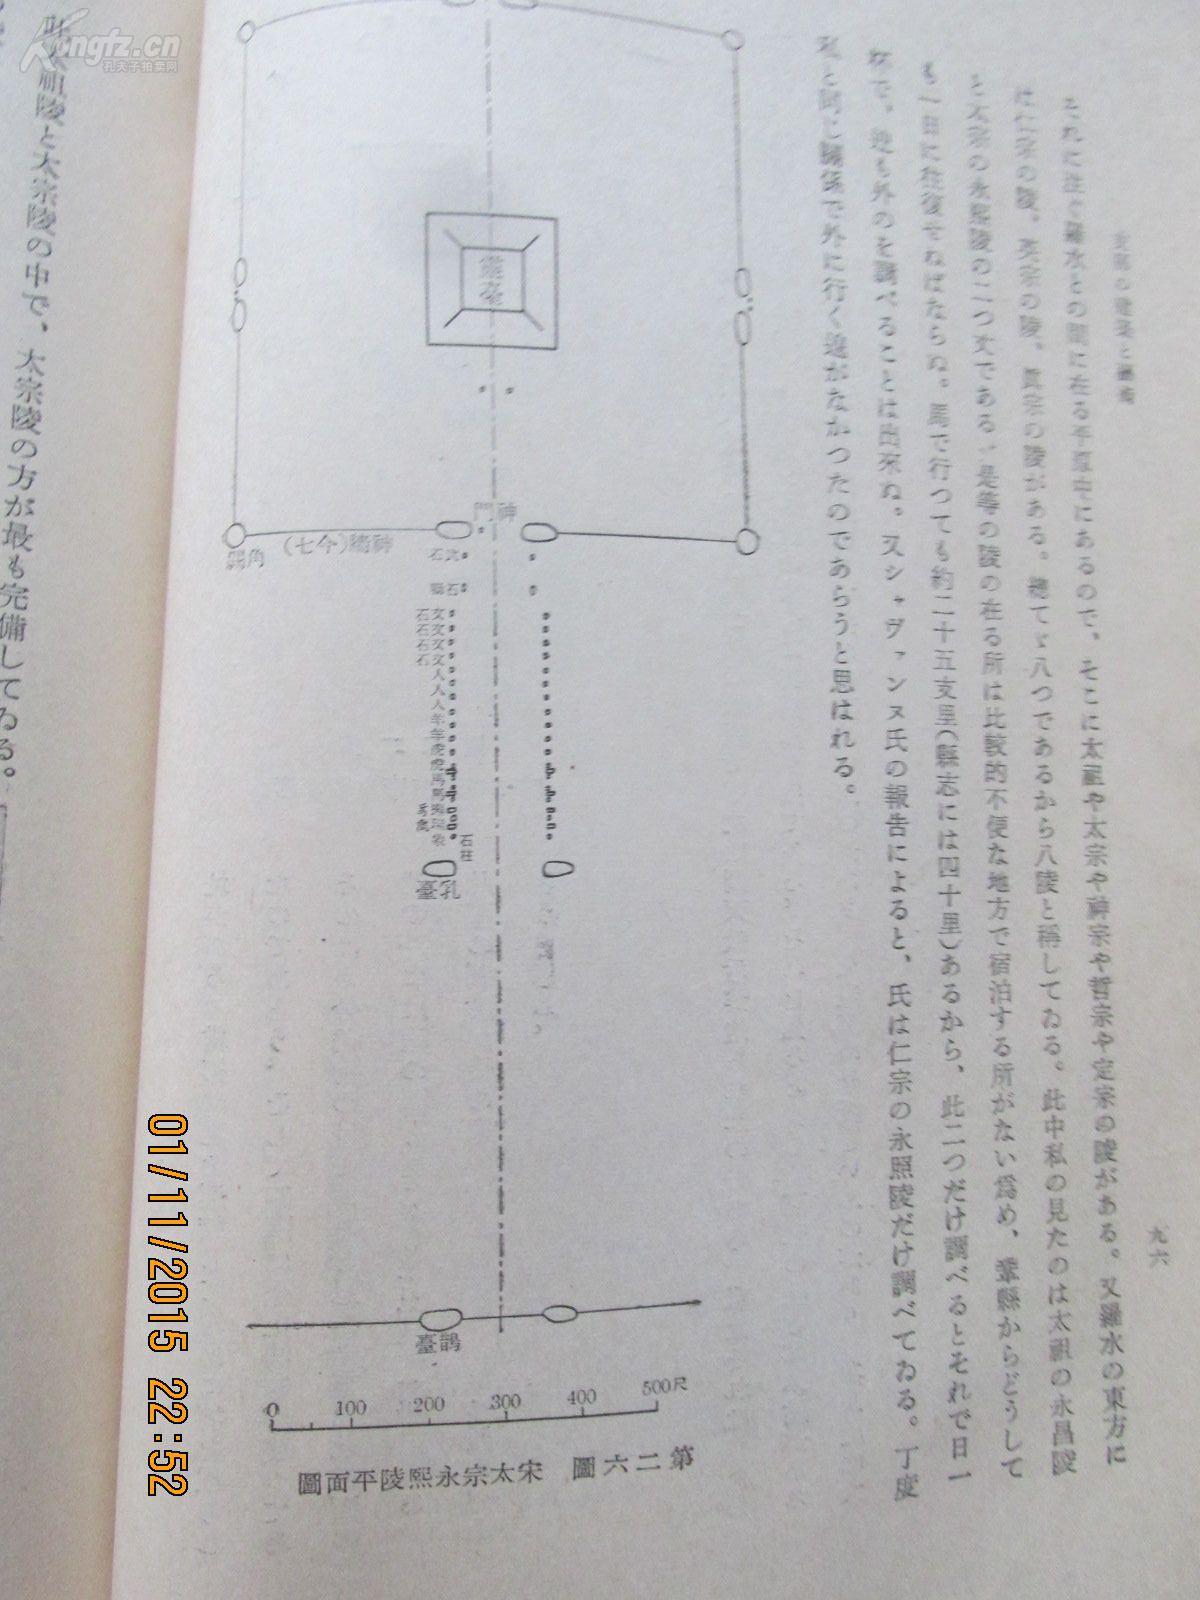 《国际的建筑和支那》一厚册800多页全!元道艺术建筑设计v国际有限公司图片